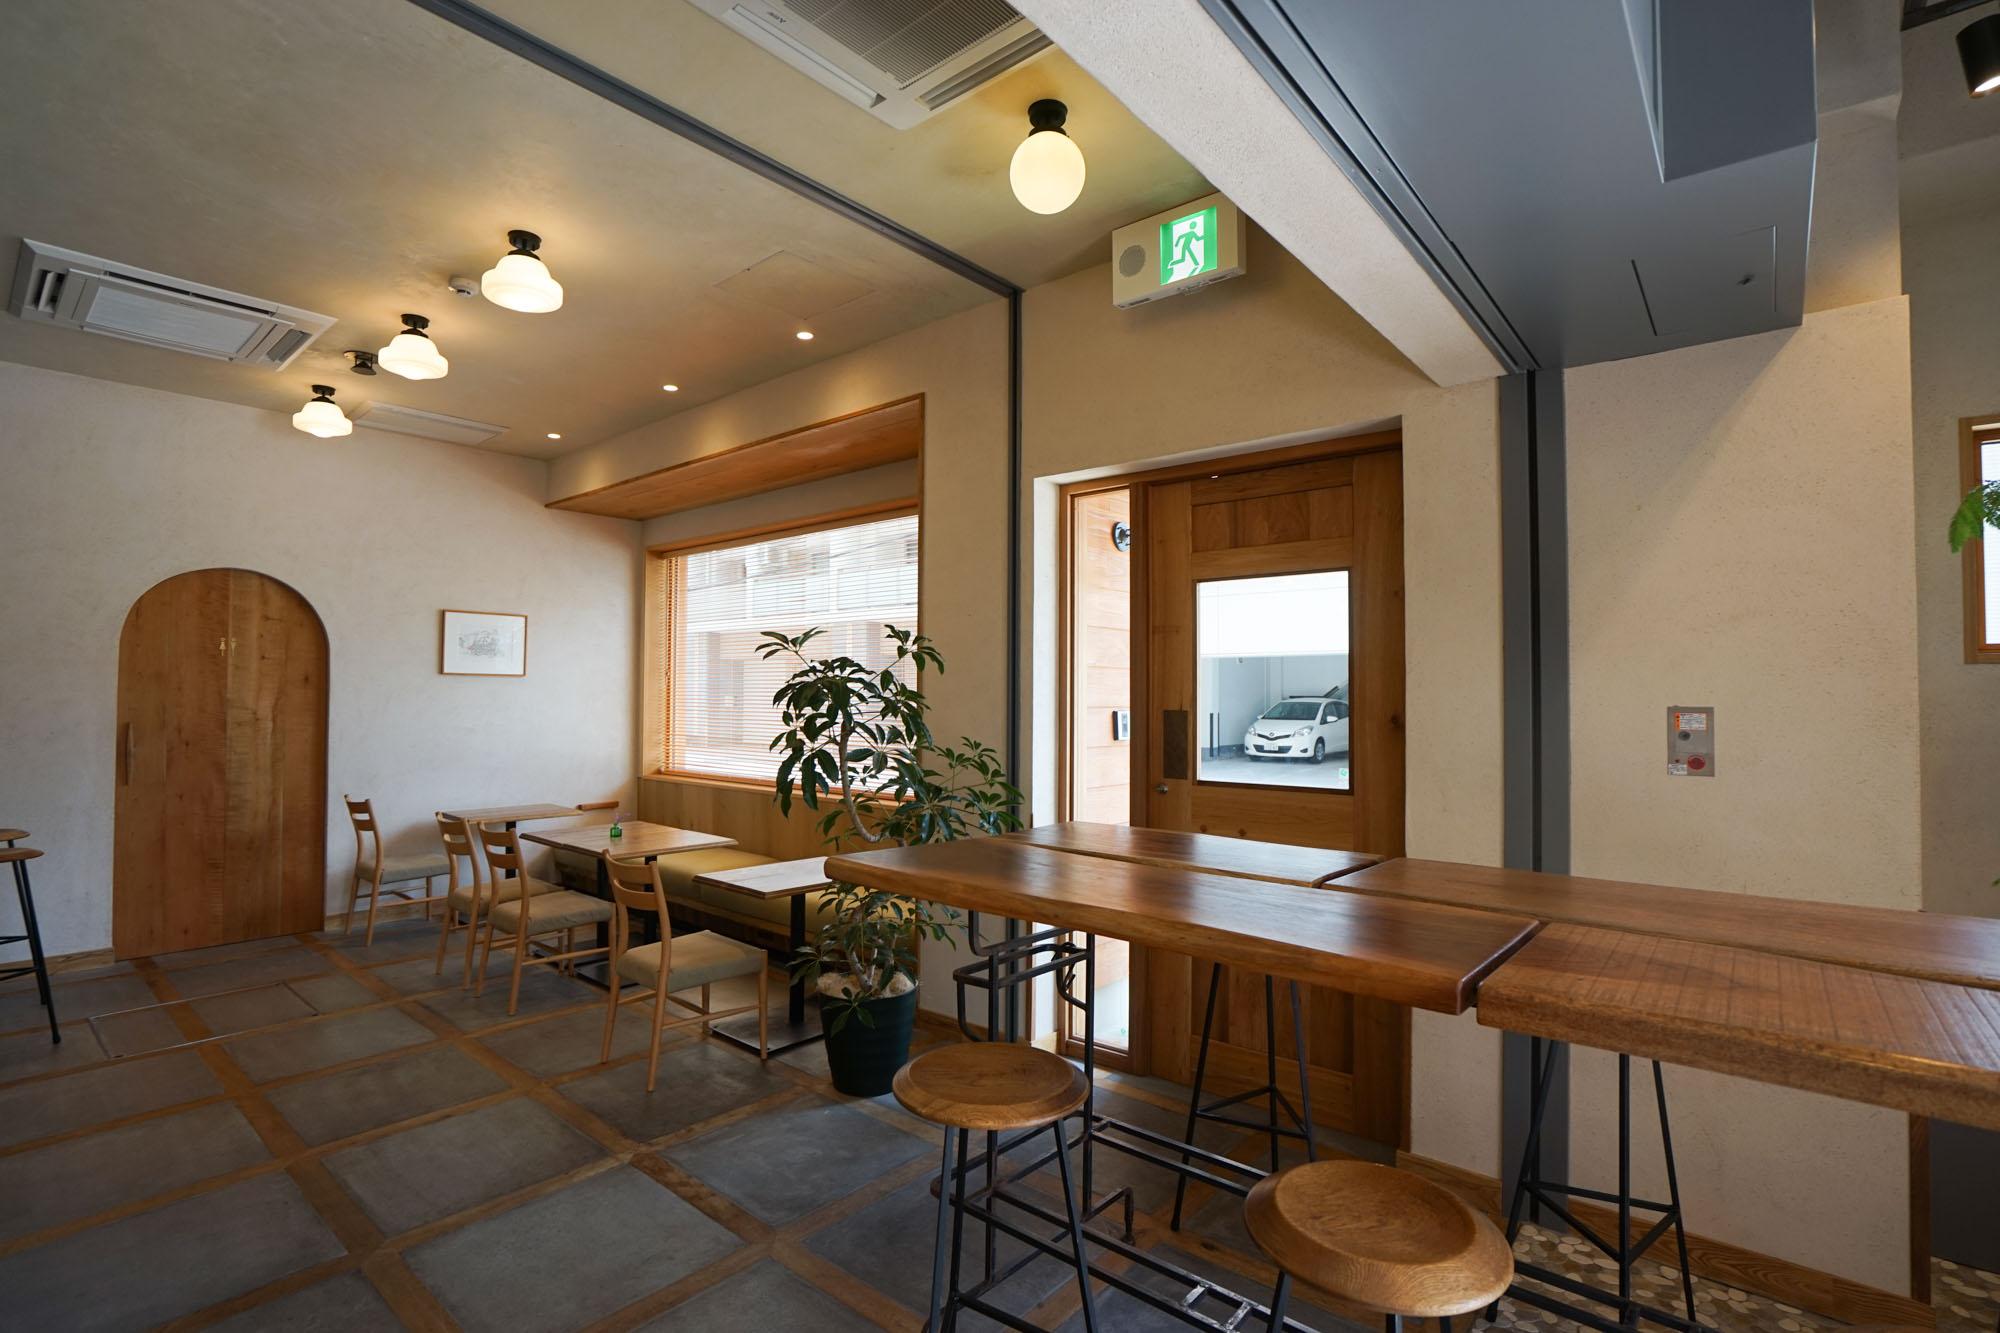 1階のラウンジは7時~23時までオープン。コンセントの設置された席もあり、仕事もできます。